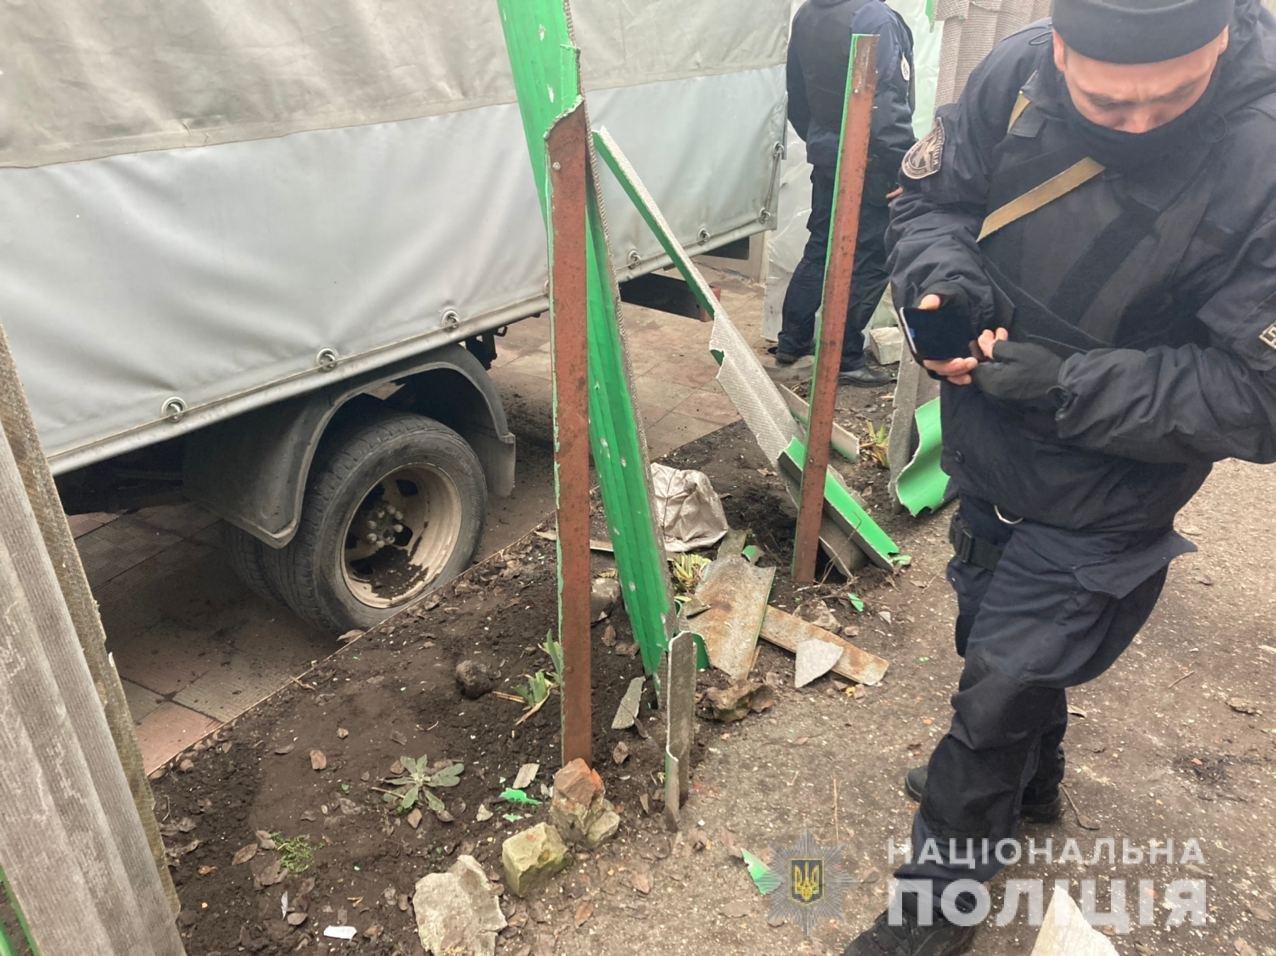 Взрыв гранаты в Харькове: боеприпас во двор местному жителю бросил разозленный сосед, - ФОТО, фото-1